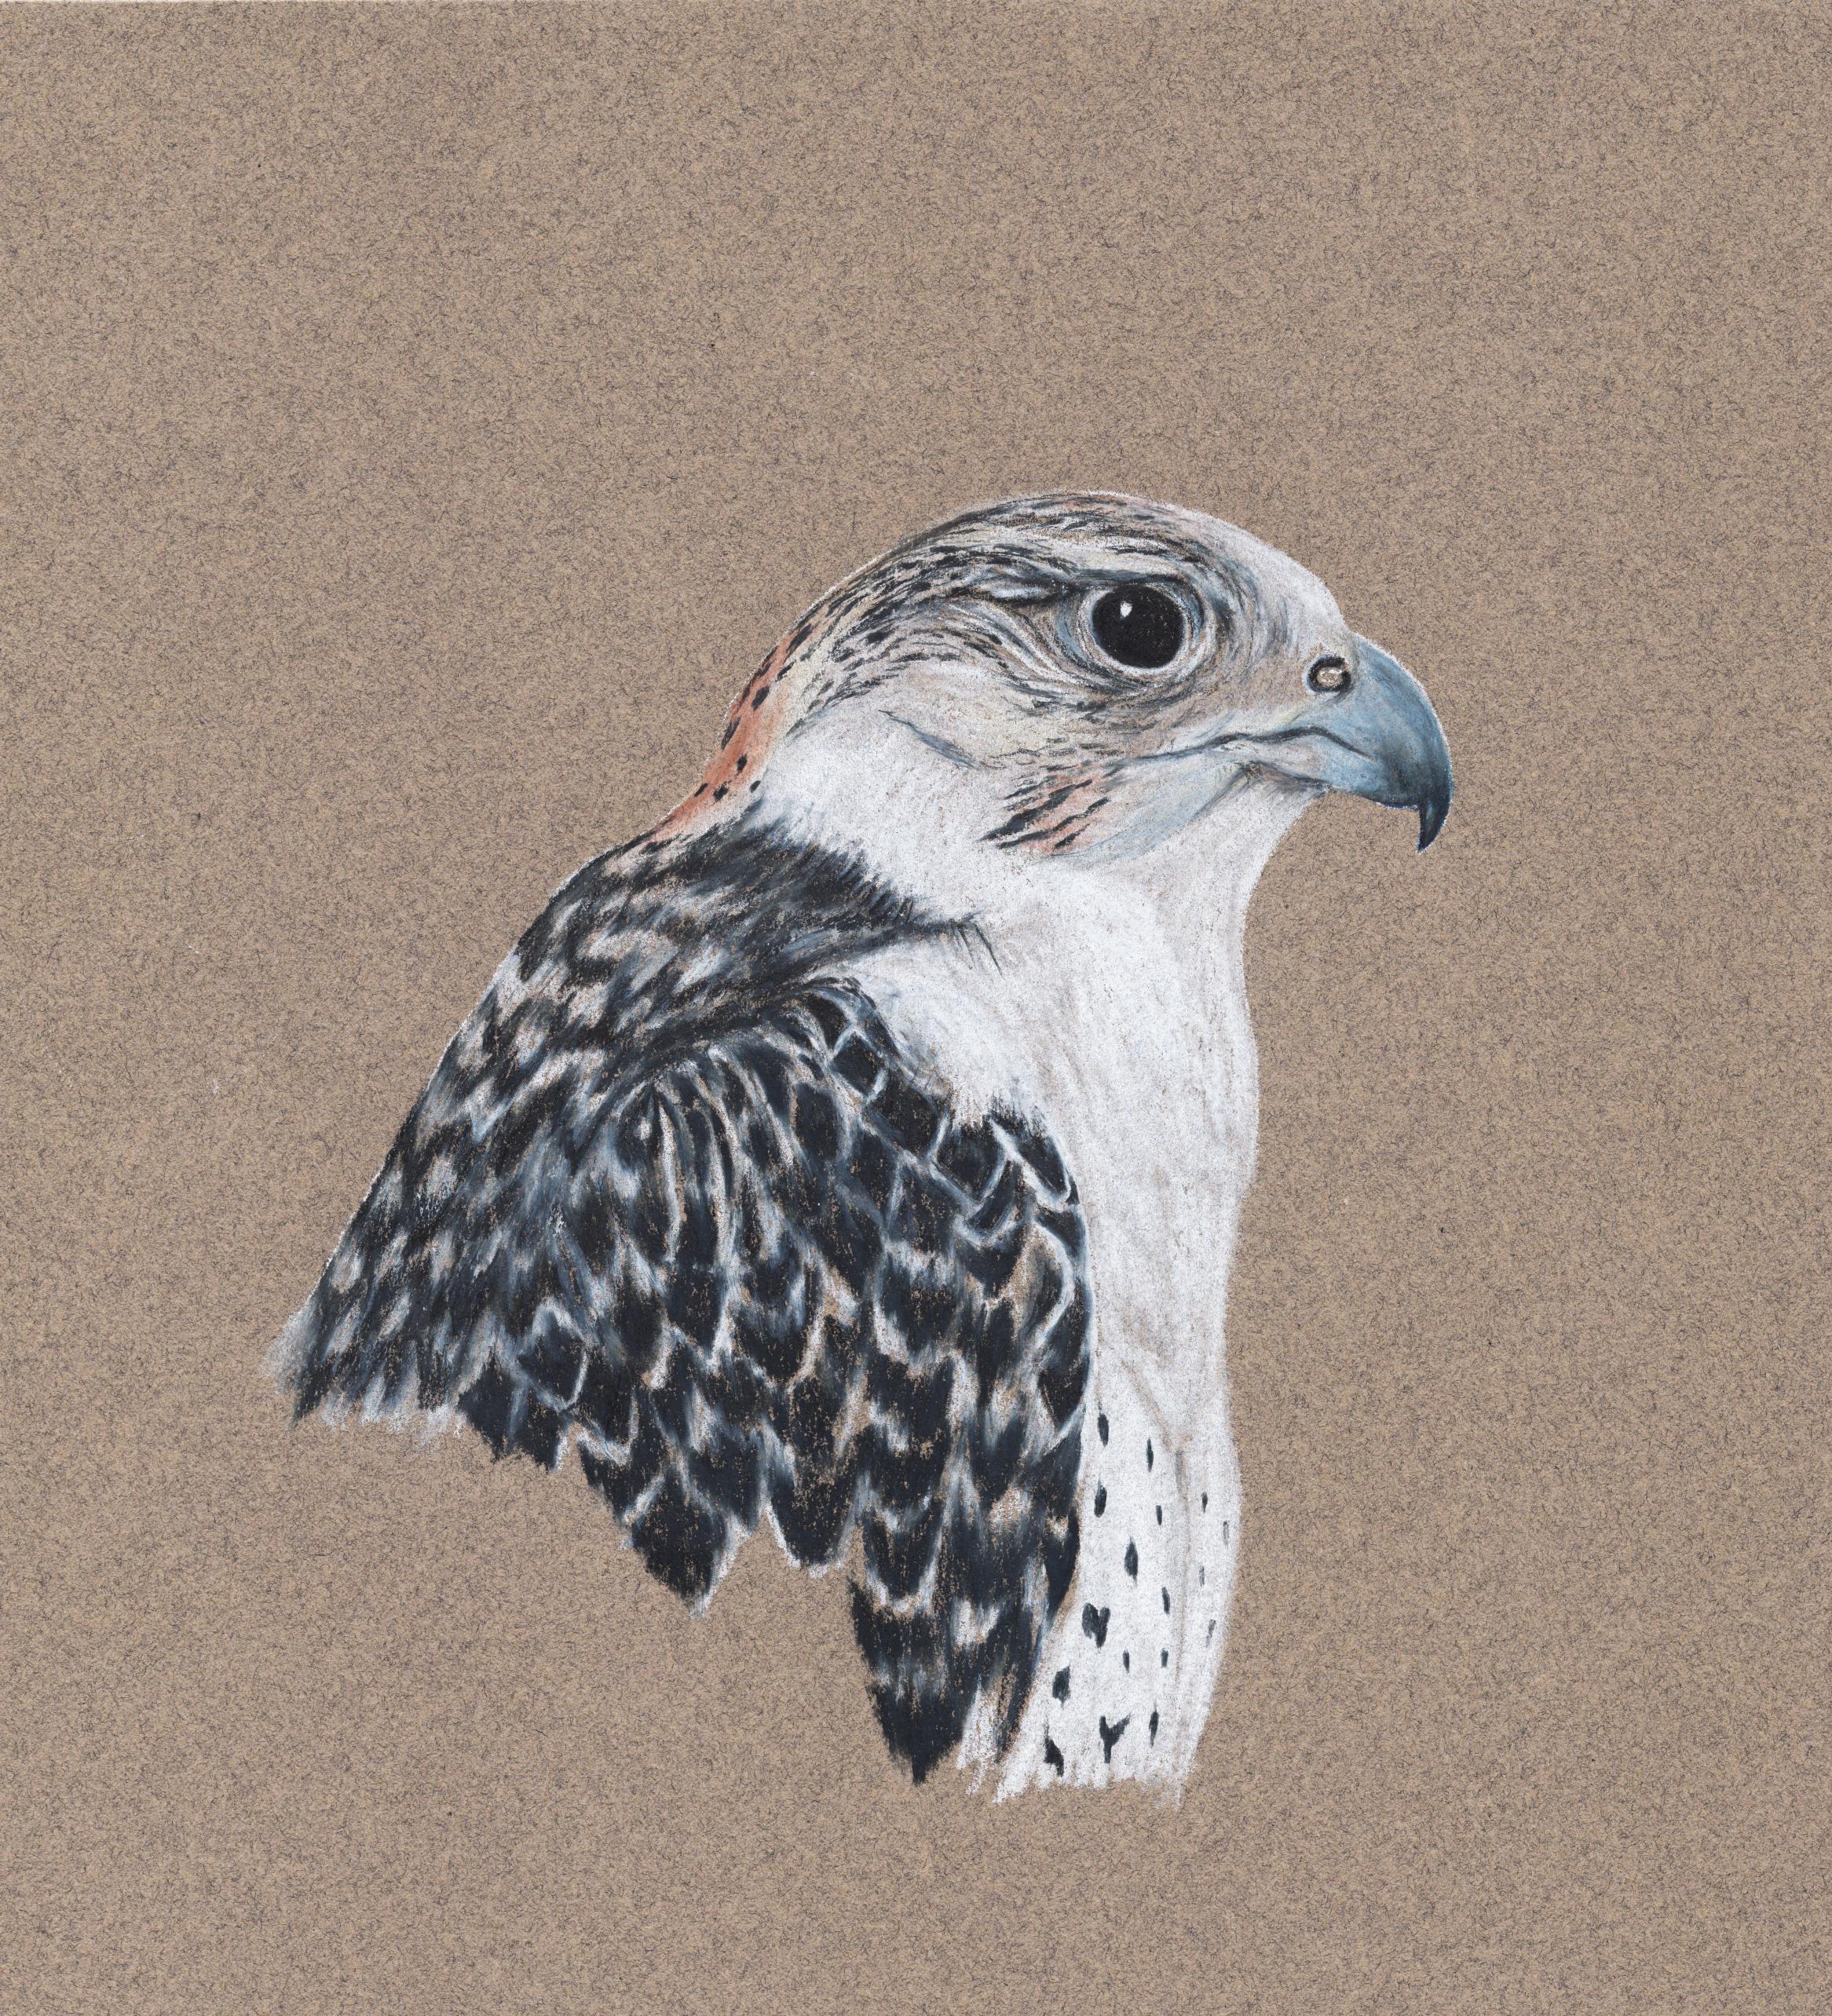 Peregrine-gryfalcon   hybrid   Falco peregrinus-Falco rusticolus   Colored Pencil on Toned Paper